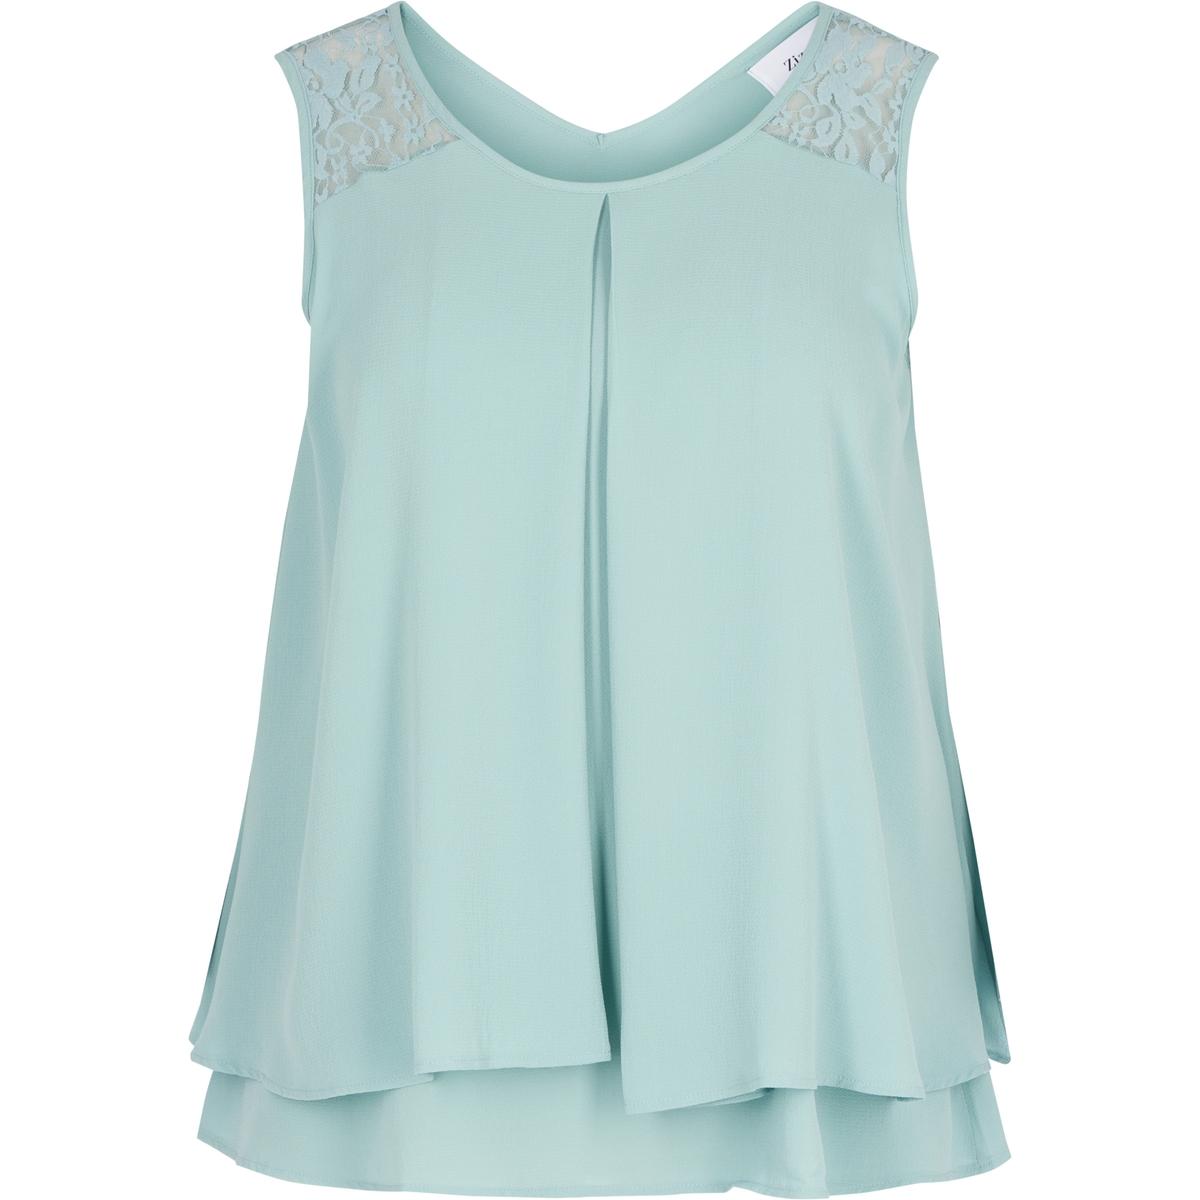 Блузка из струящейся тканиБлузка из струящейся ткани без рукавов ZIZZI. 97% полиэстера, 3% эластана. Красивая блузка со вставкой из кружева на плечах. V-образный вырез сзади<br><br>Цвет: синий,черный